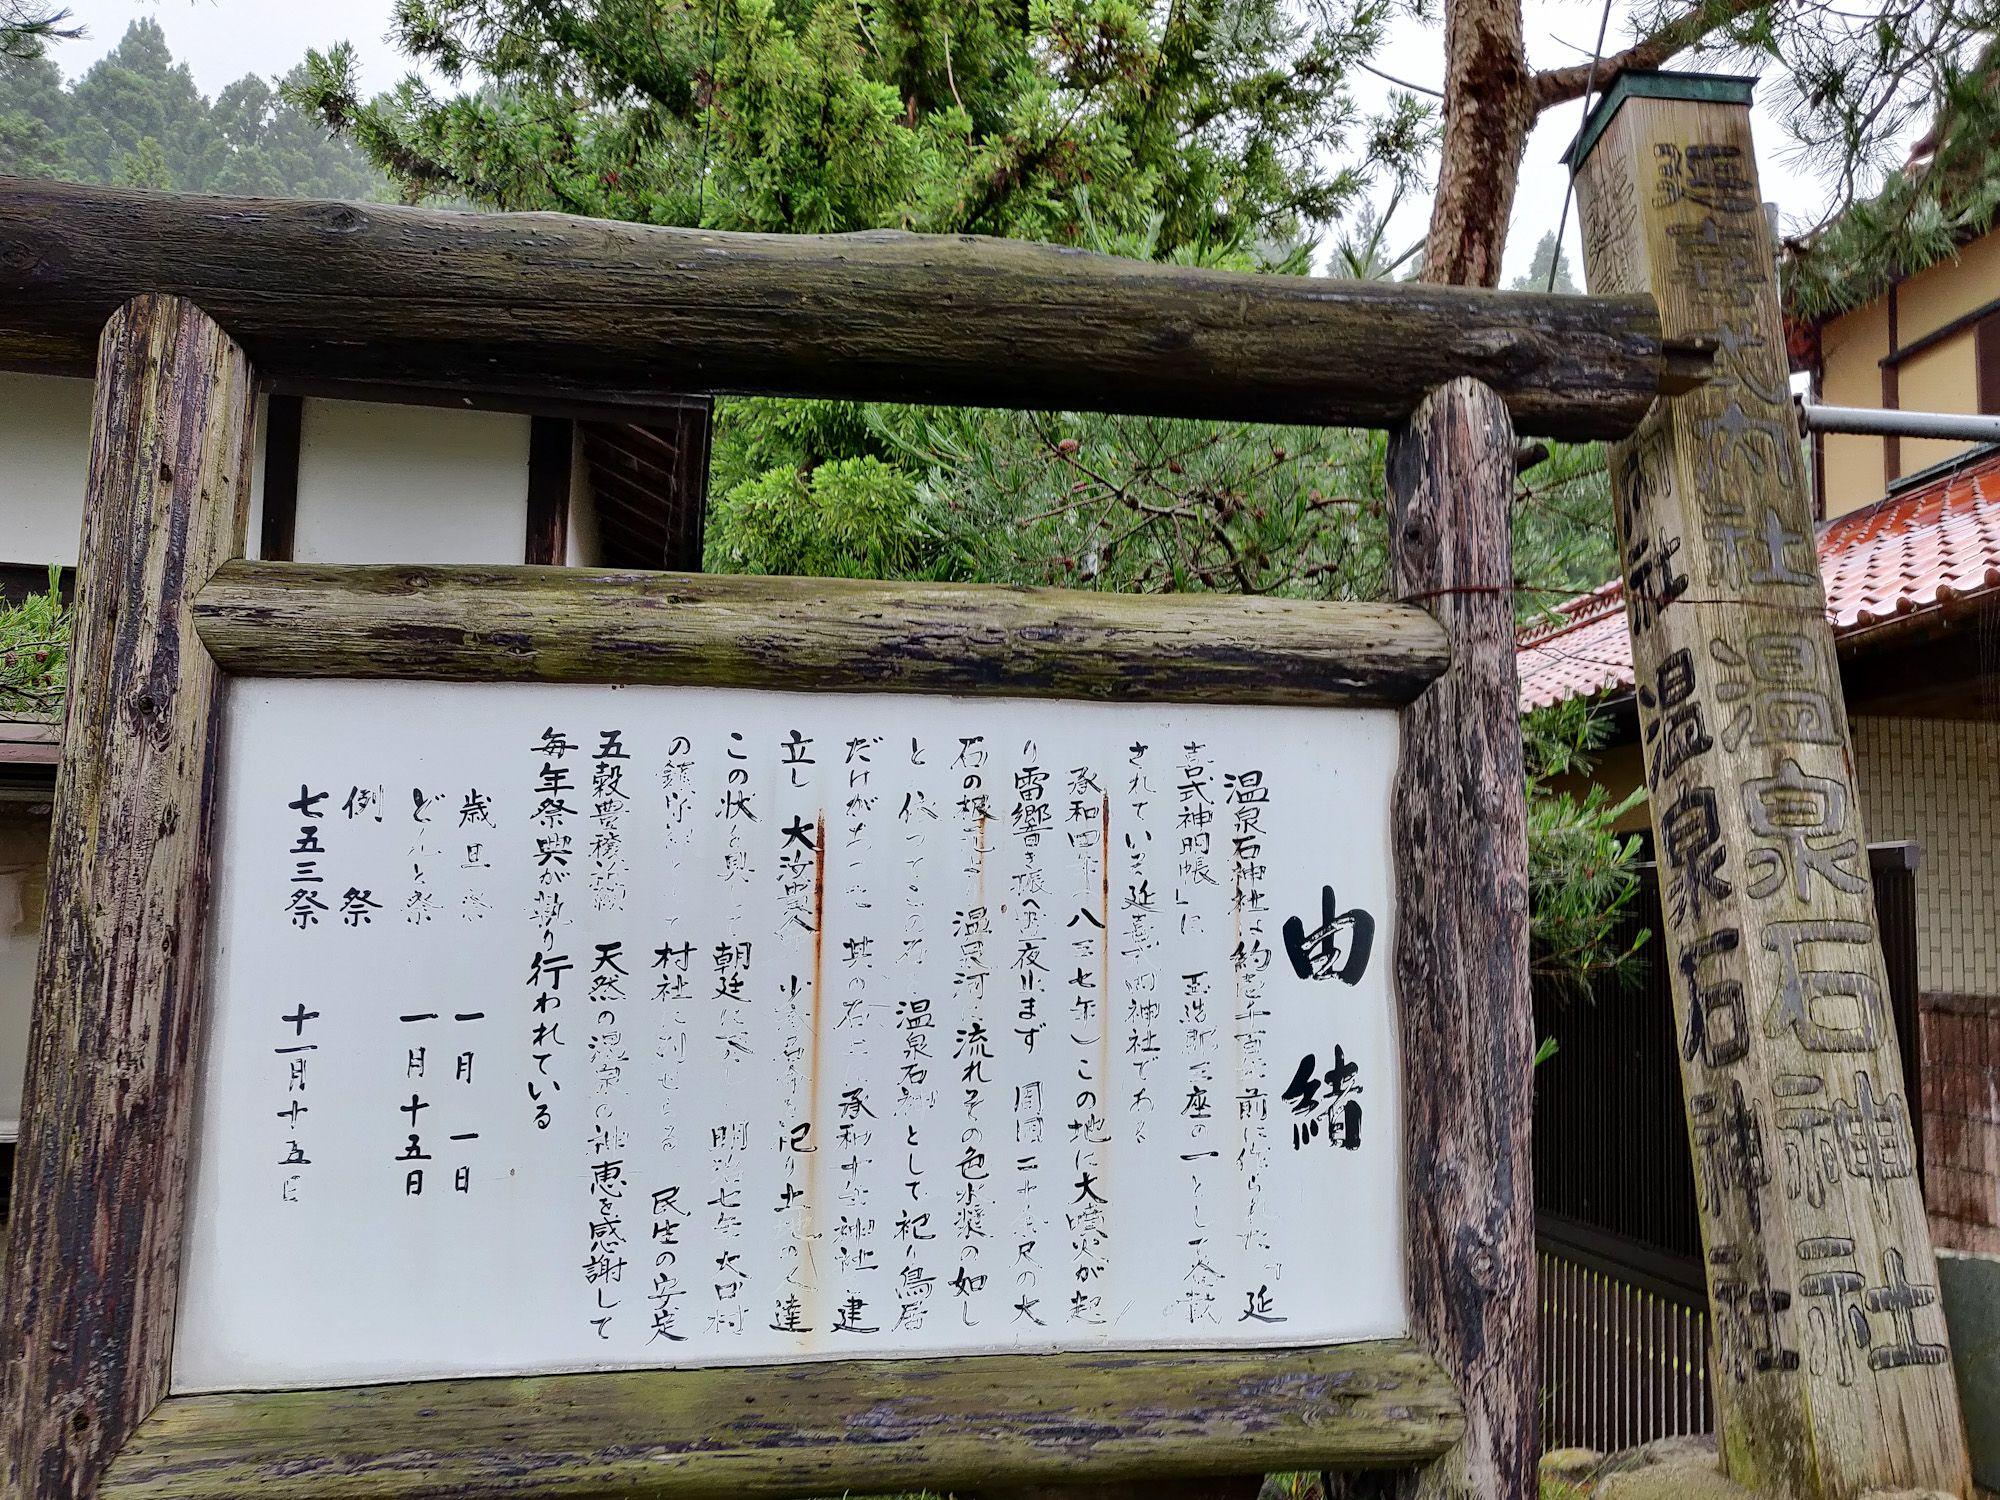 川渡温泉石神社 由緒